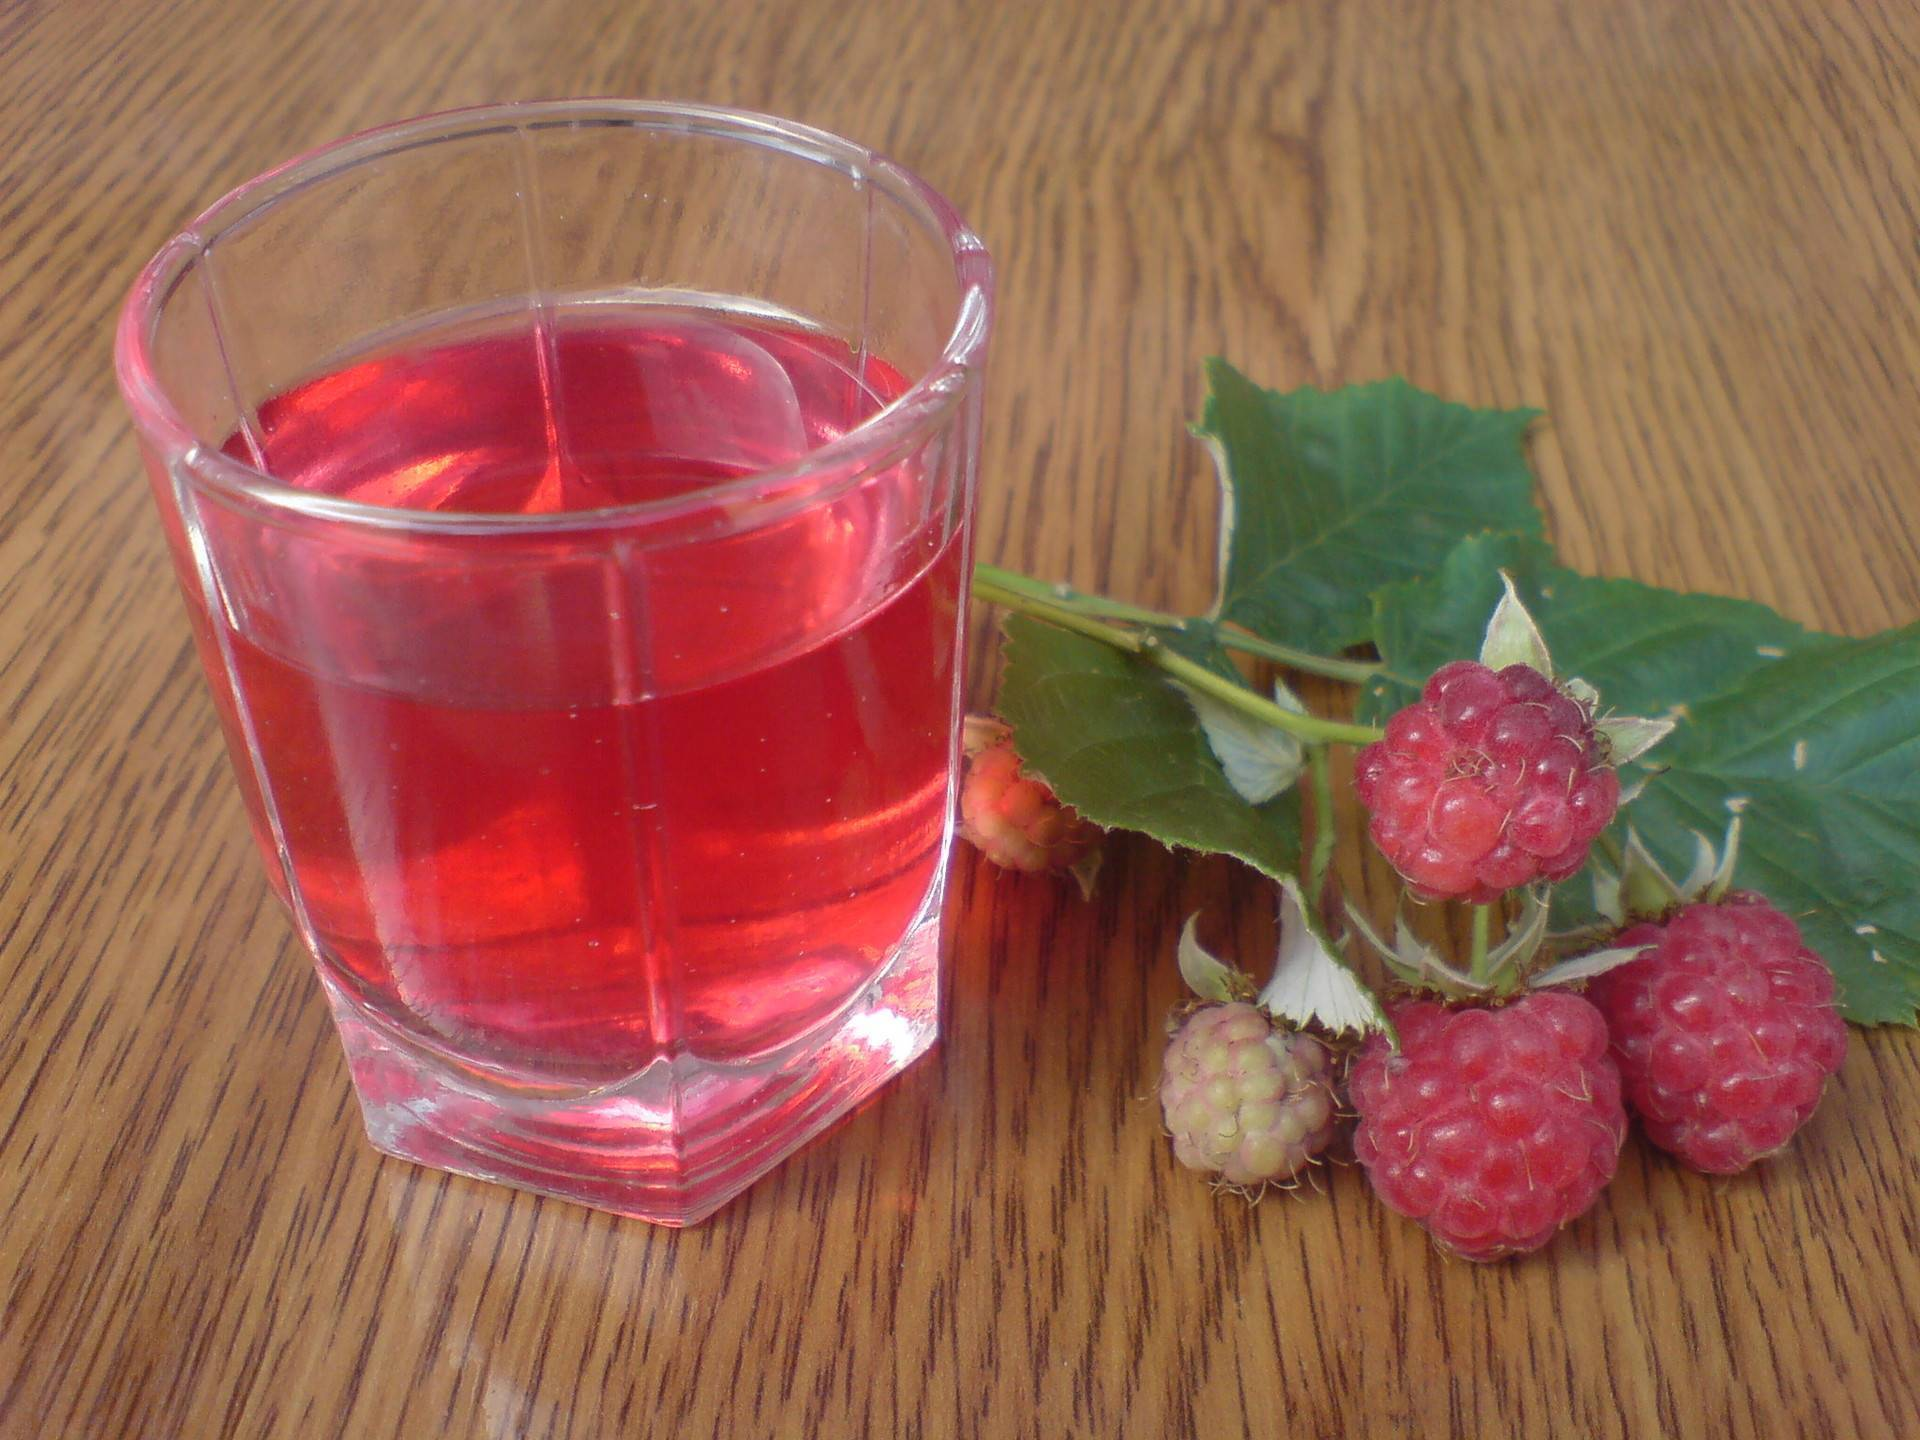 Вино, ликер и настойка из малины – 6 проверенных рецептов | дачная кухня (огород.ru)